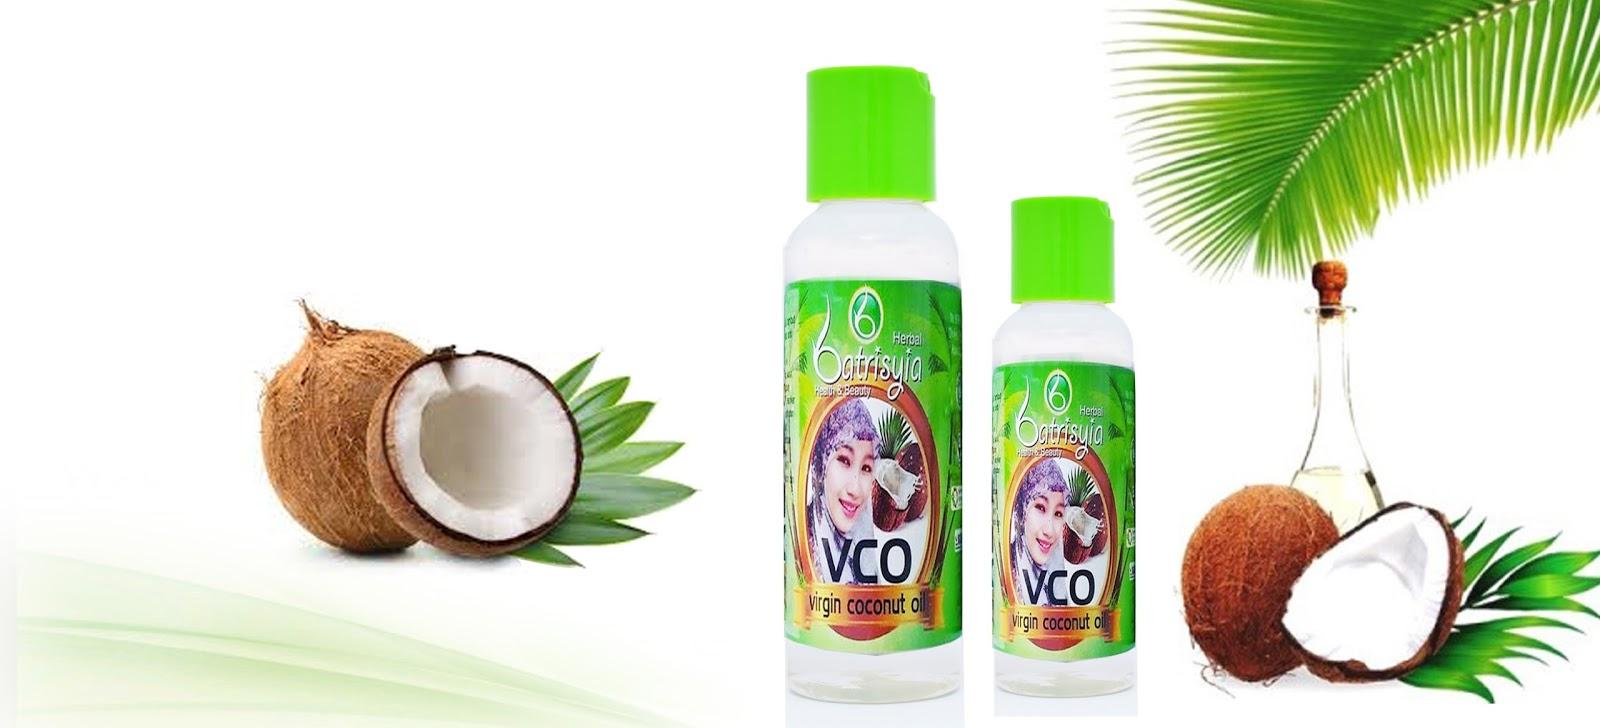 Batrisyia Herbal Virgin Coconut Oil Vco 100 Kapsul Daftar Harga Sr12 Minyak Kelapa Tradisional 1600x728